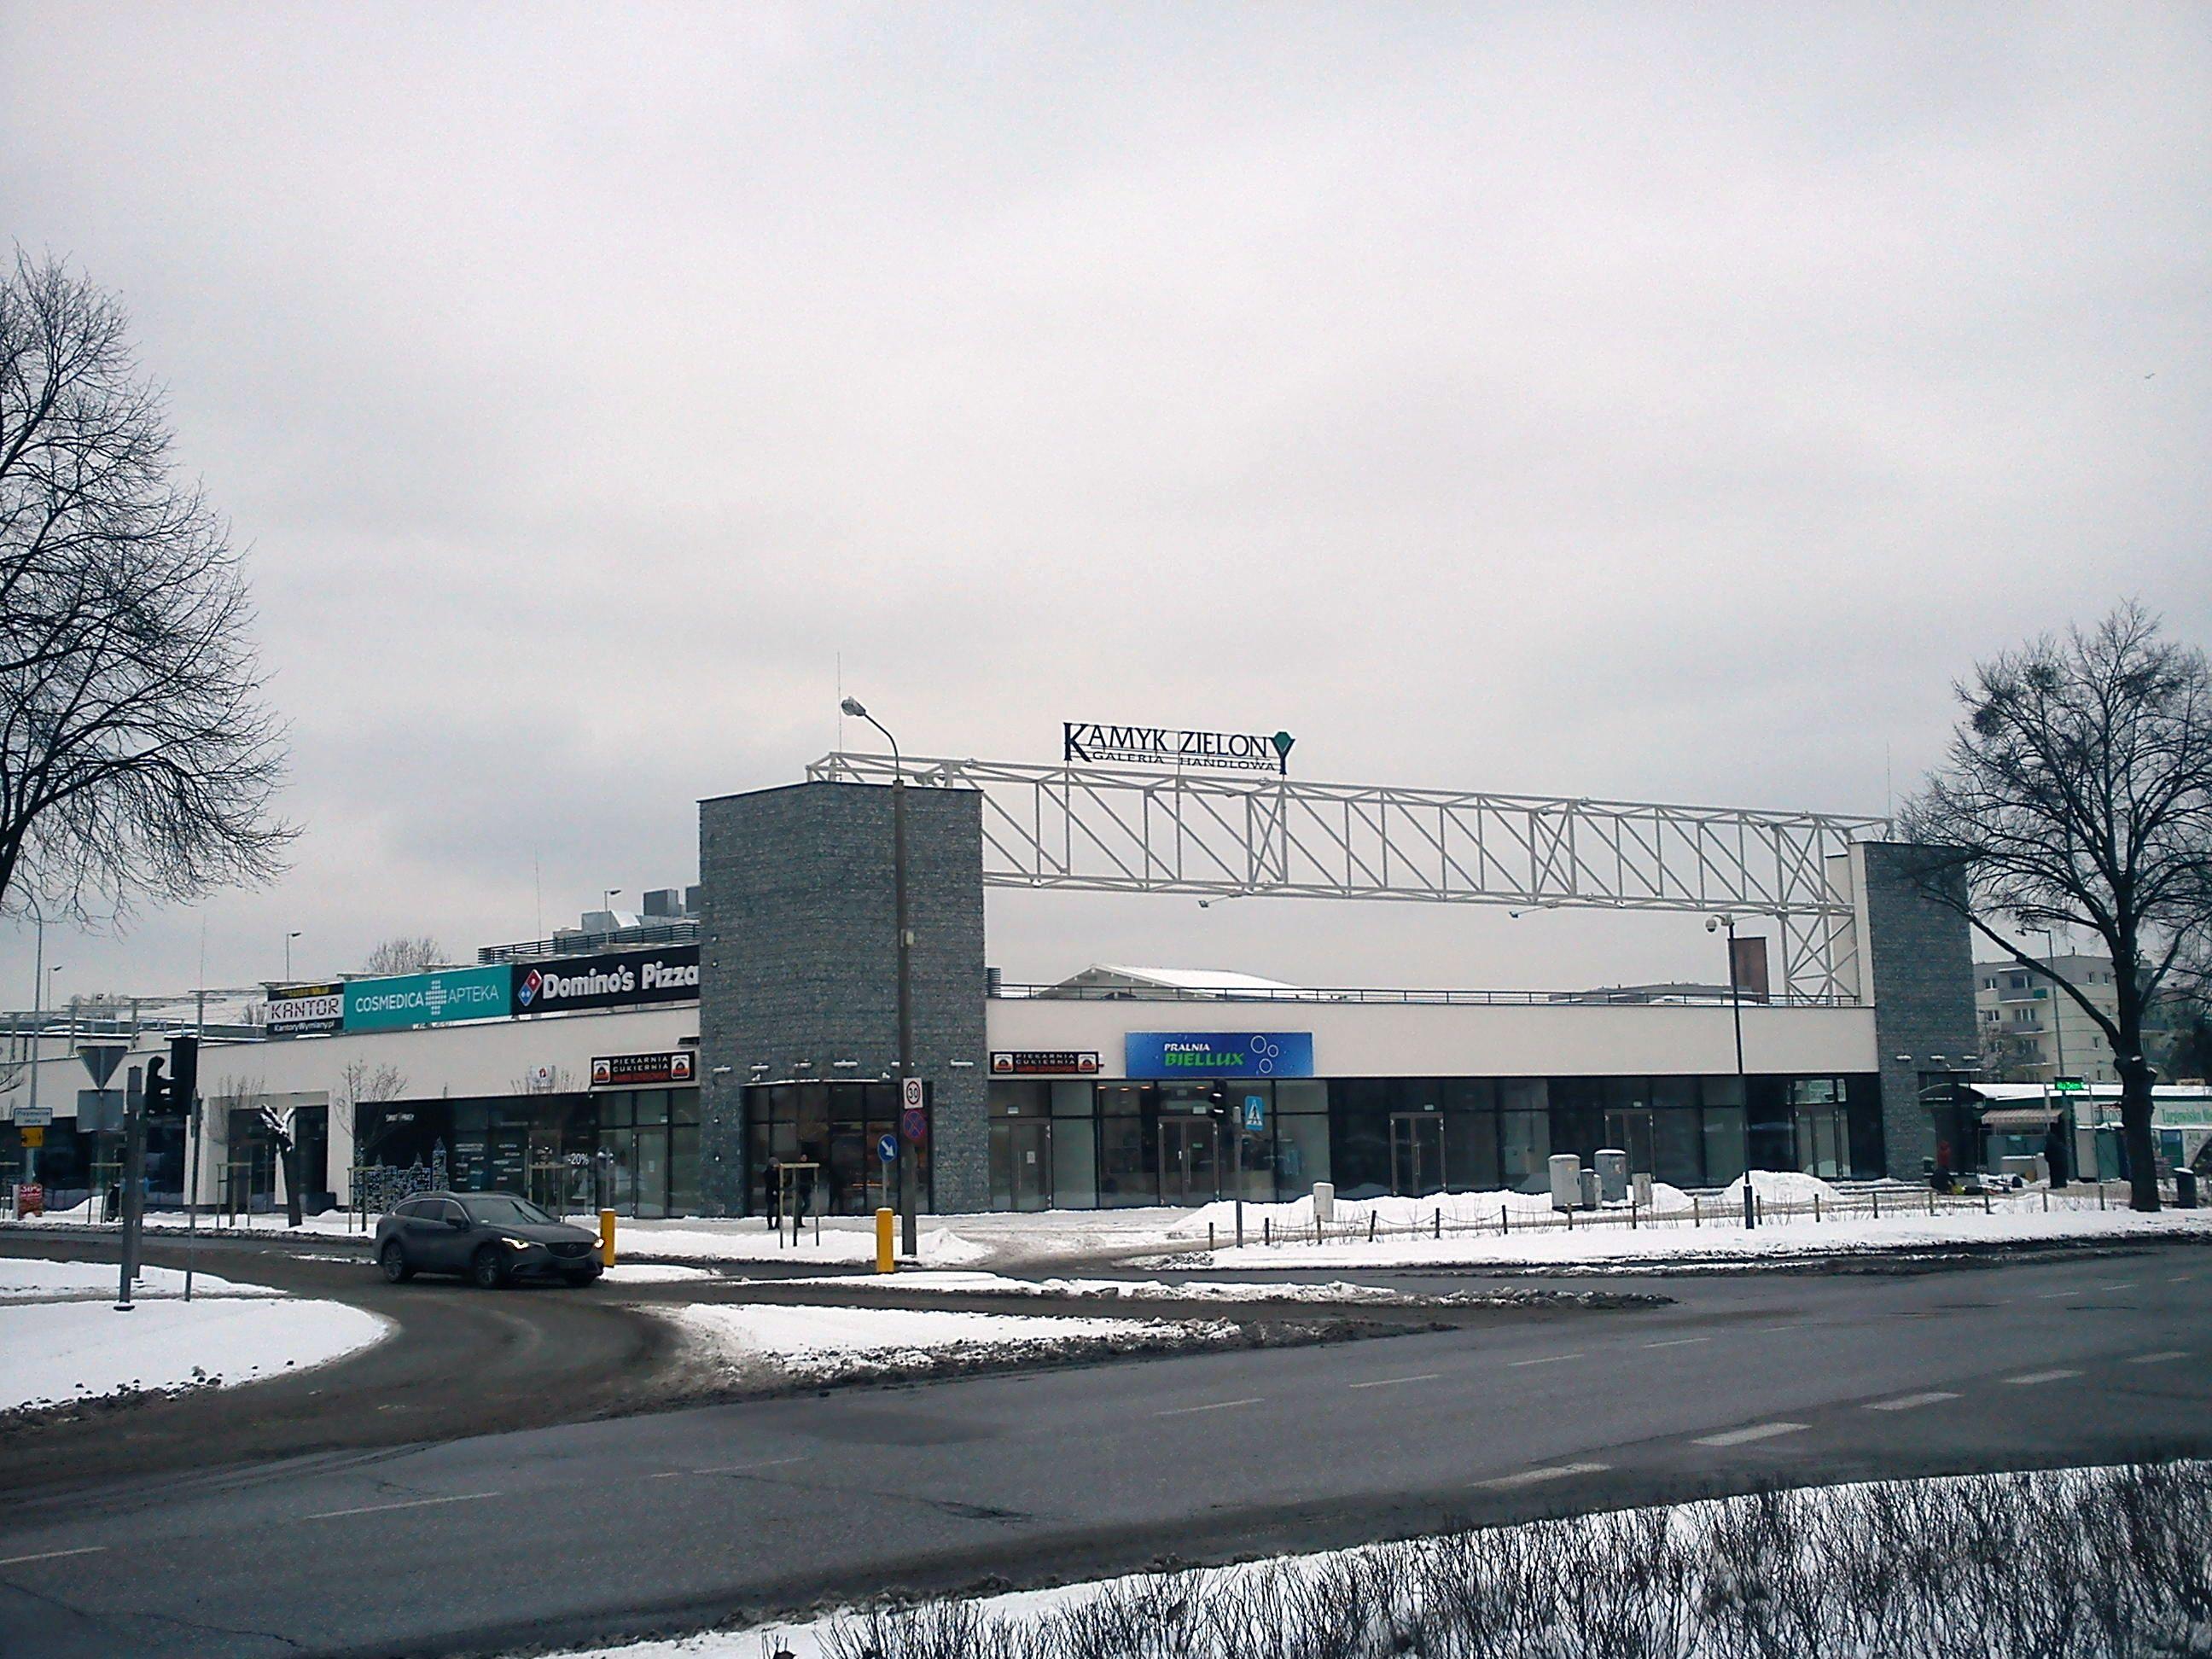 Centrum Handlowe Kamyk Zielony, ul. Czerwony Dwór